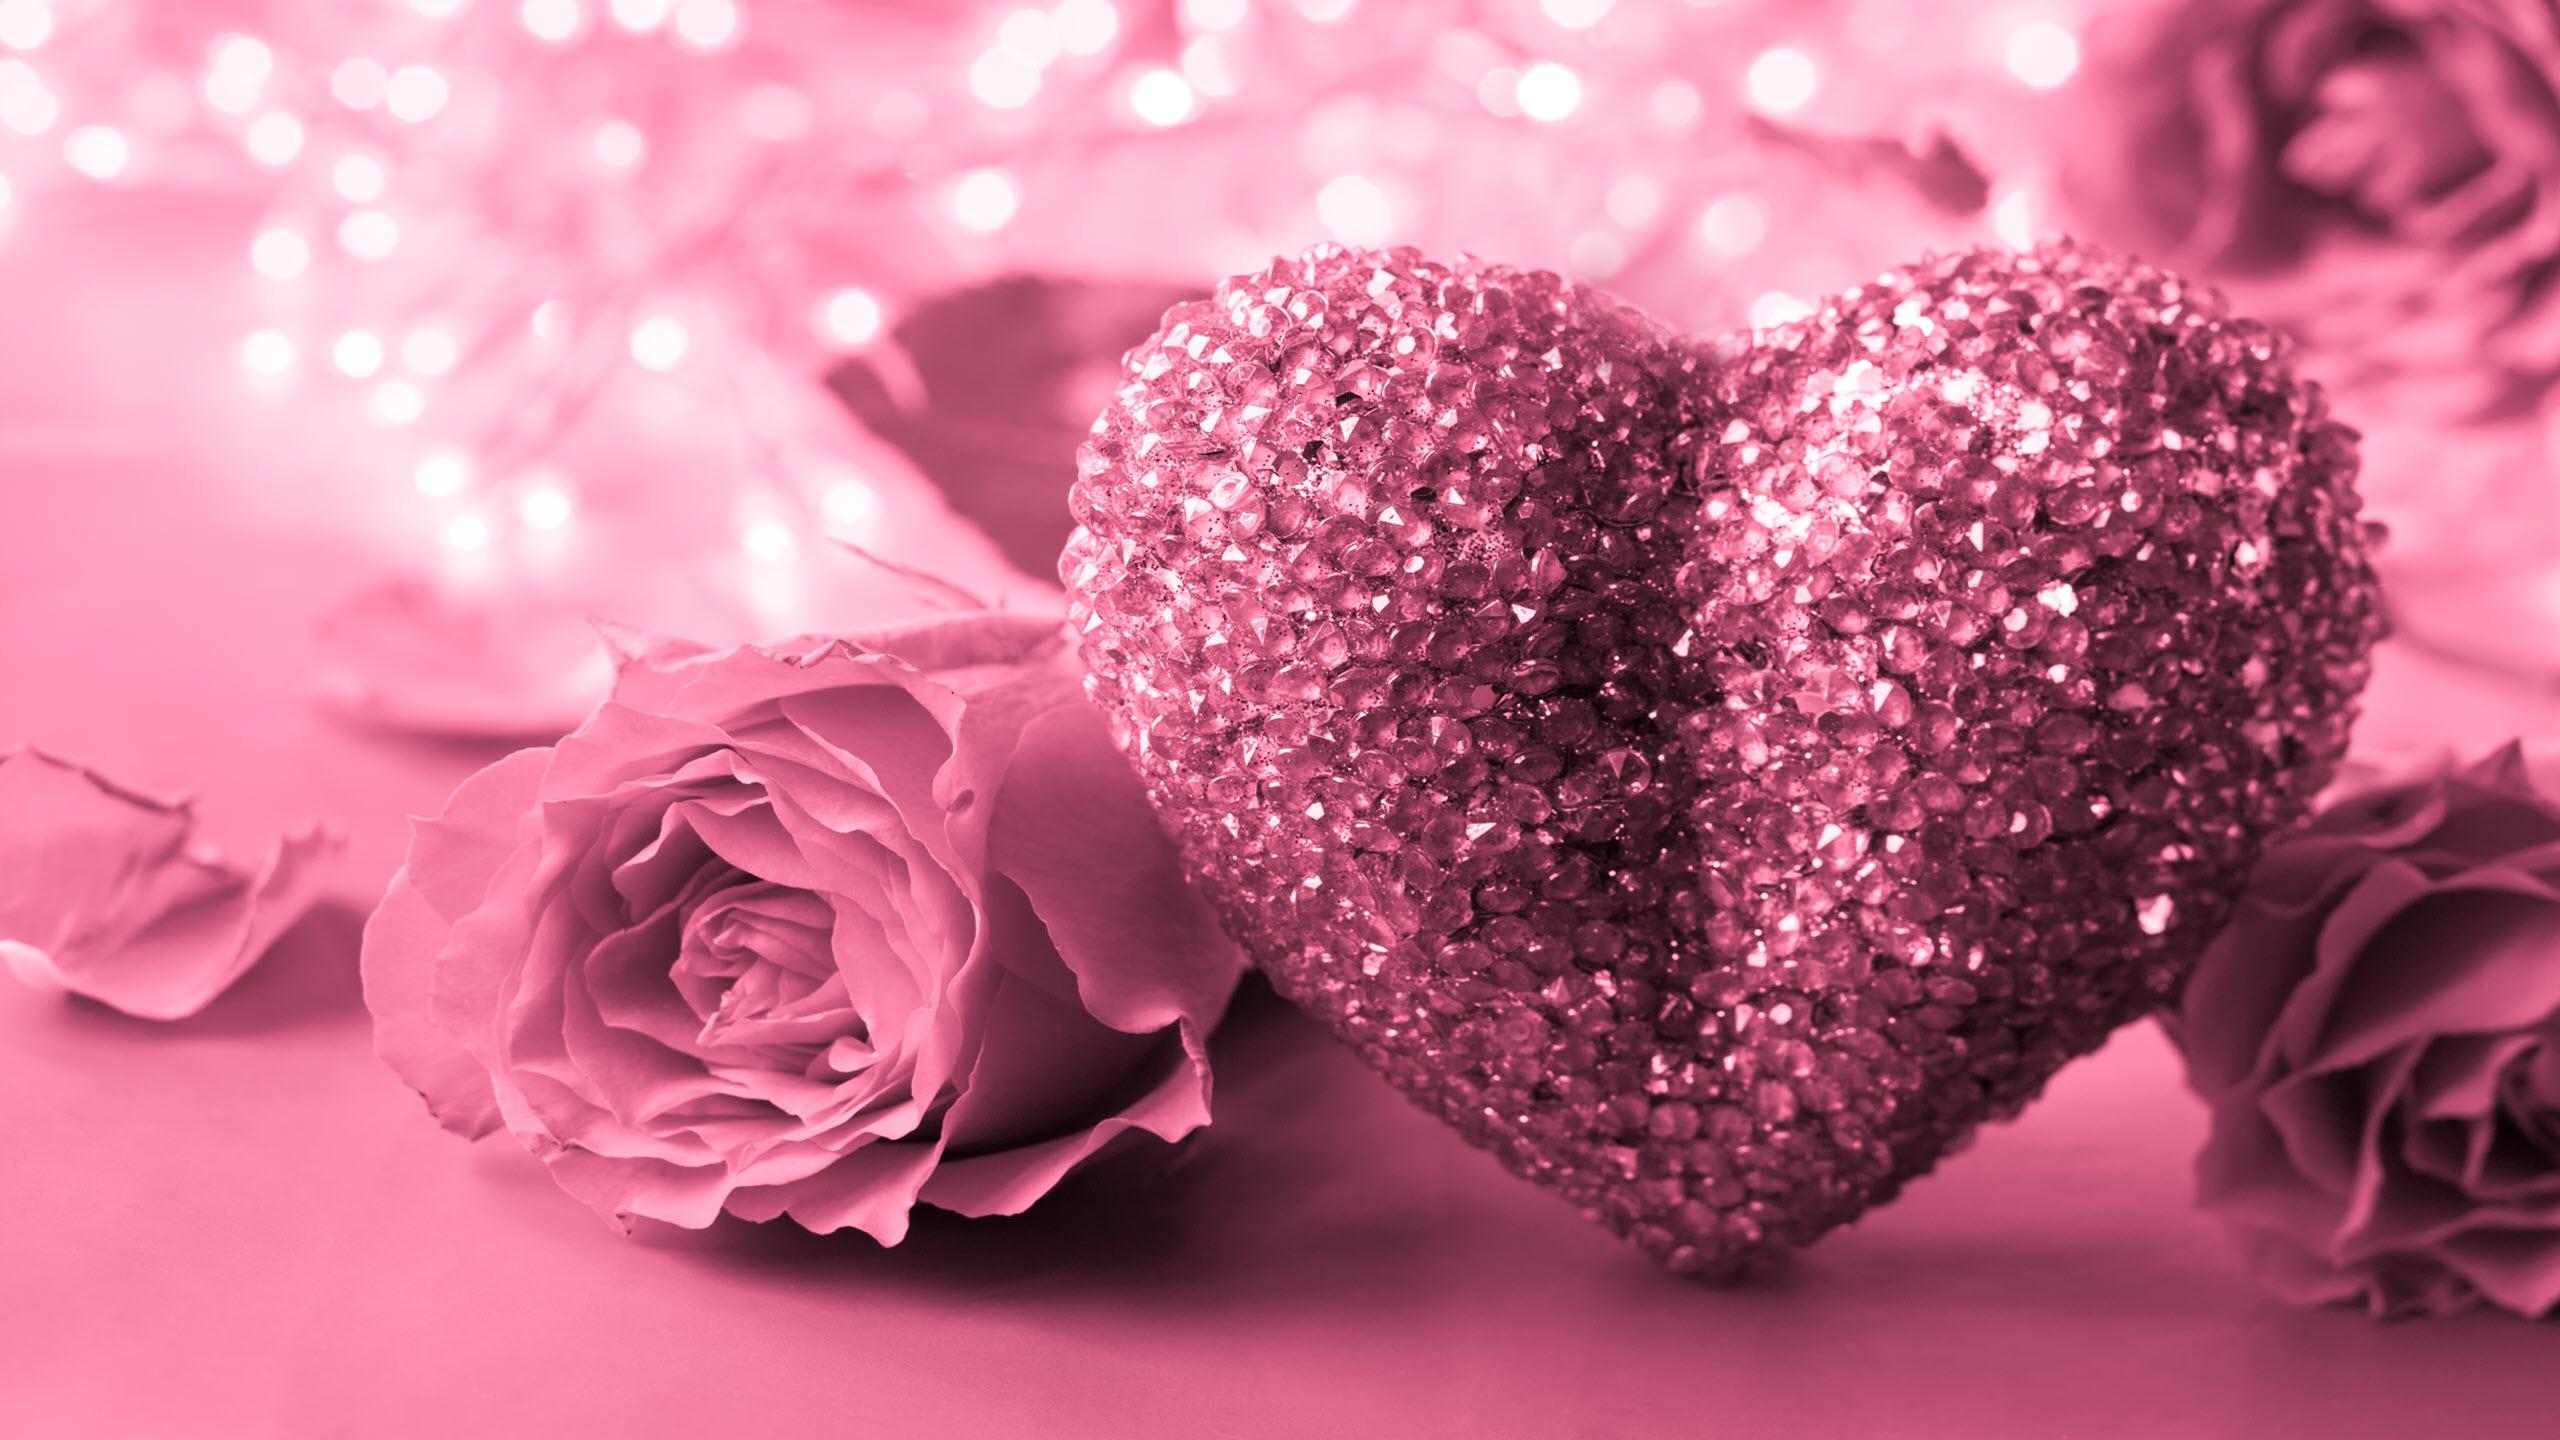 Ảnh nền trái tim hoa hồng đẹp